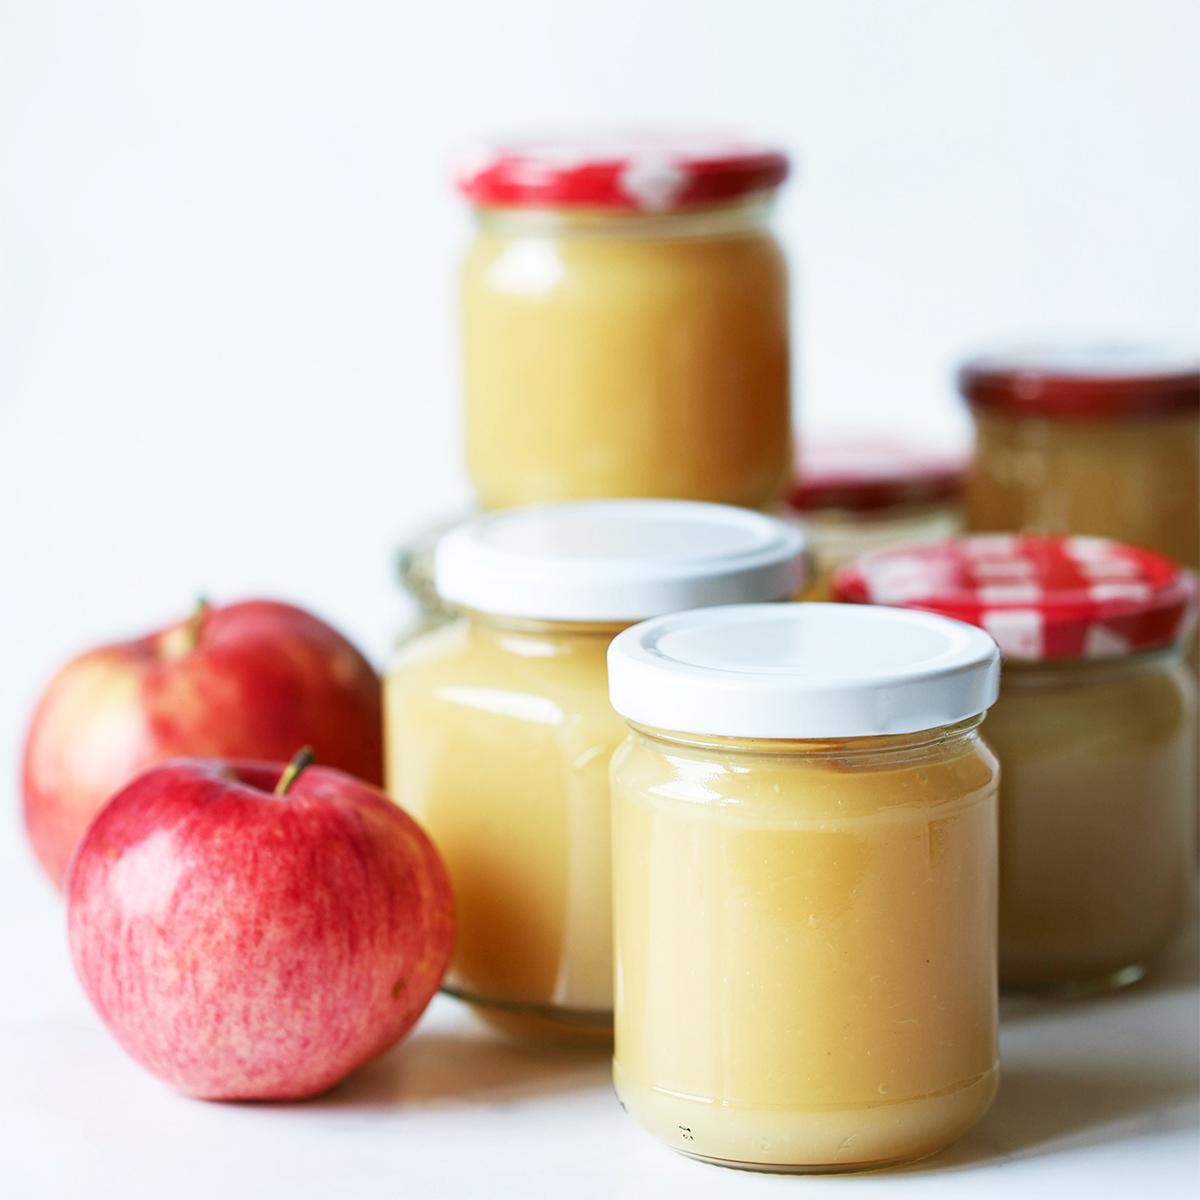 Applesauce: domača jabolčna kaša